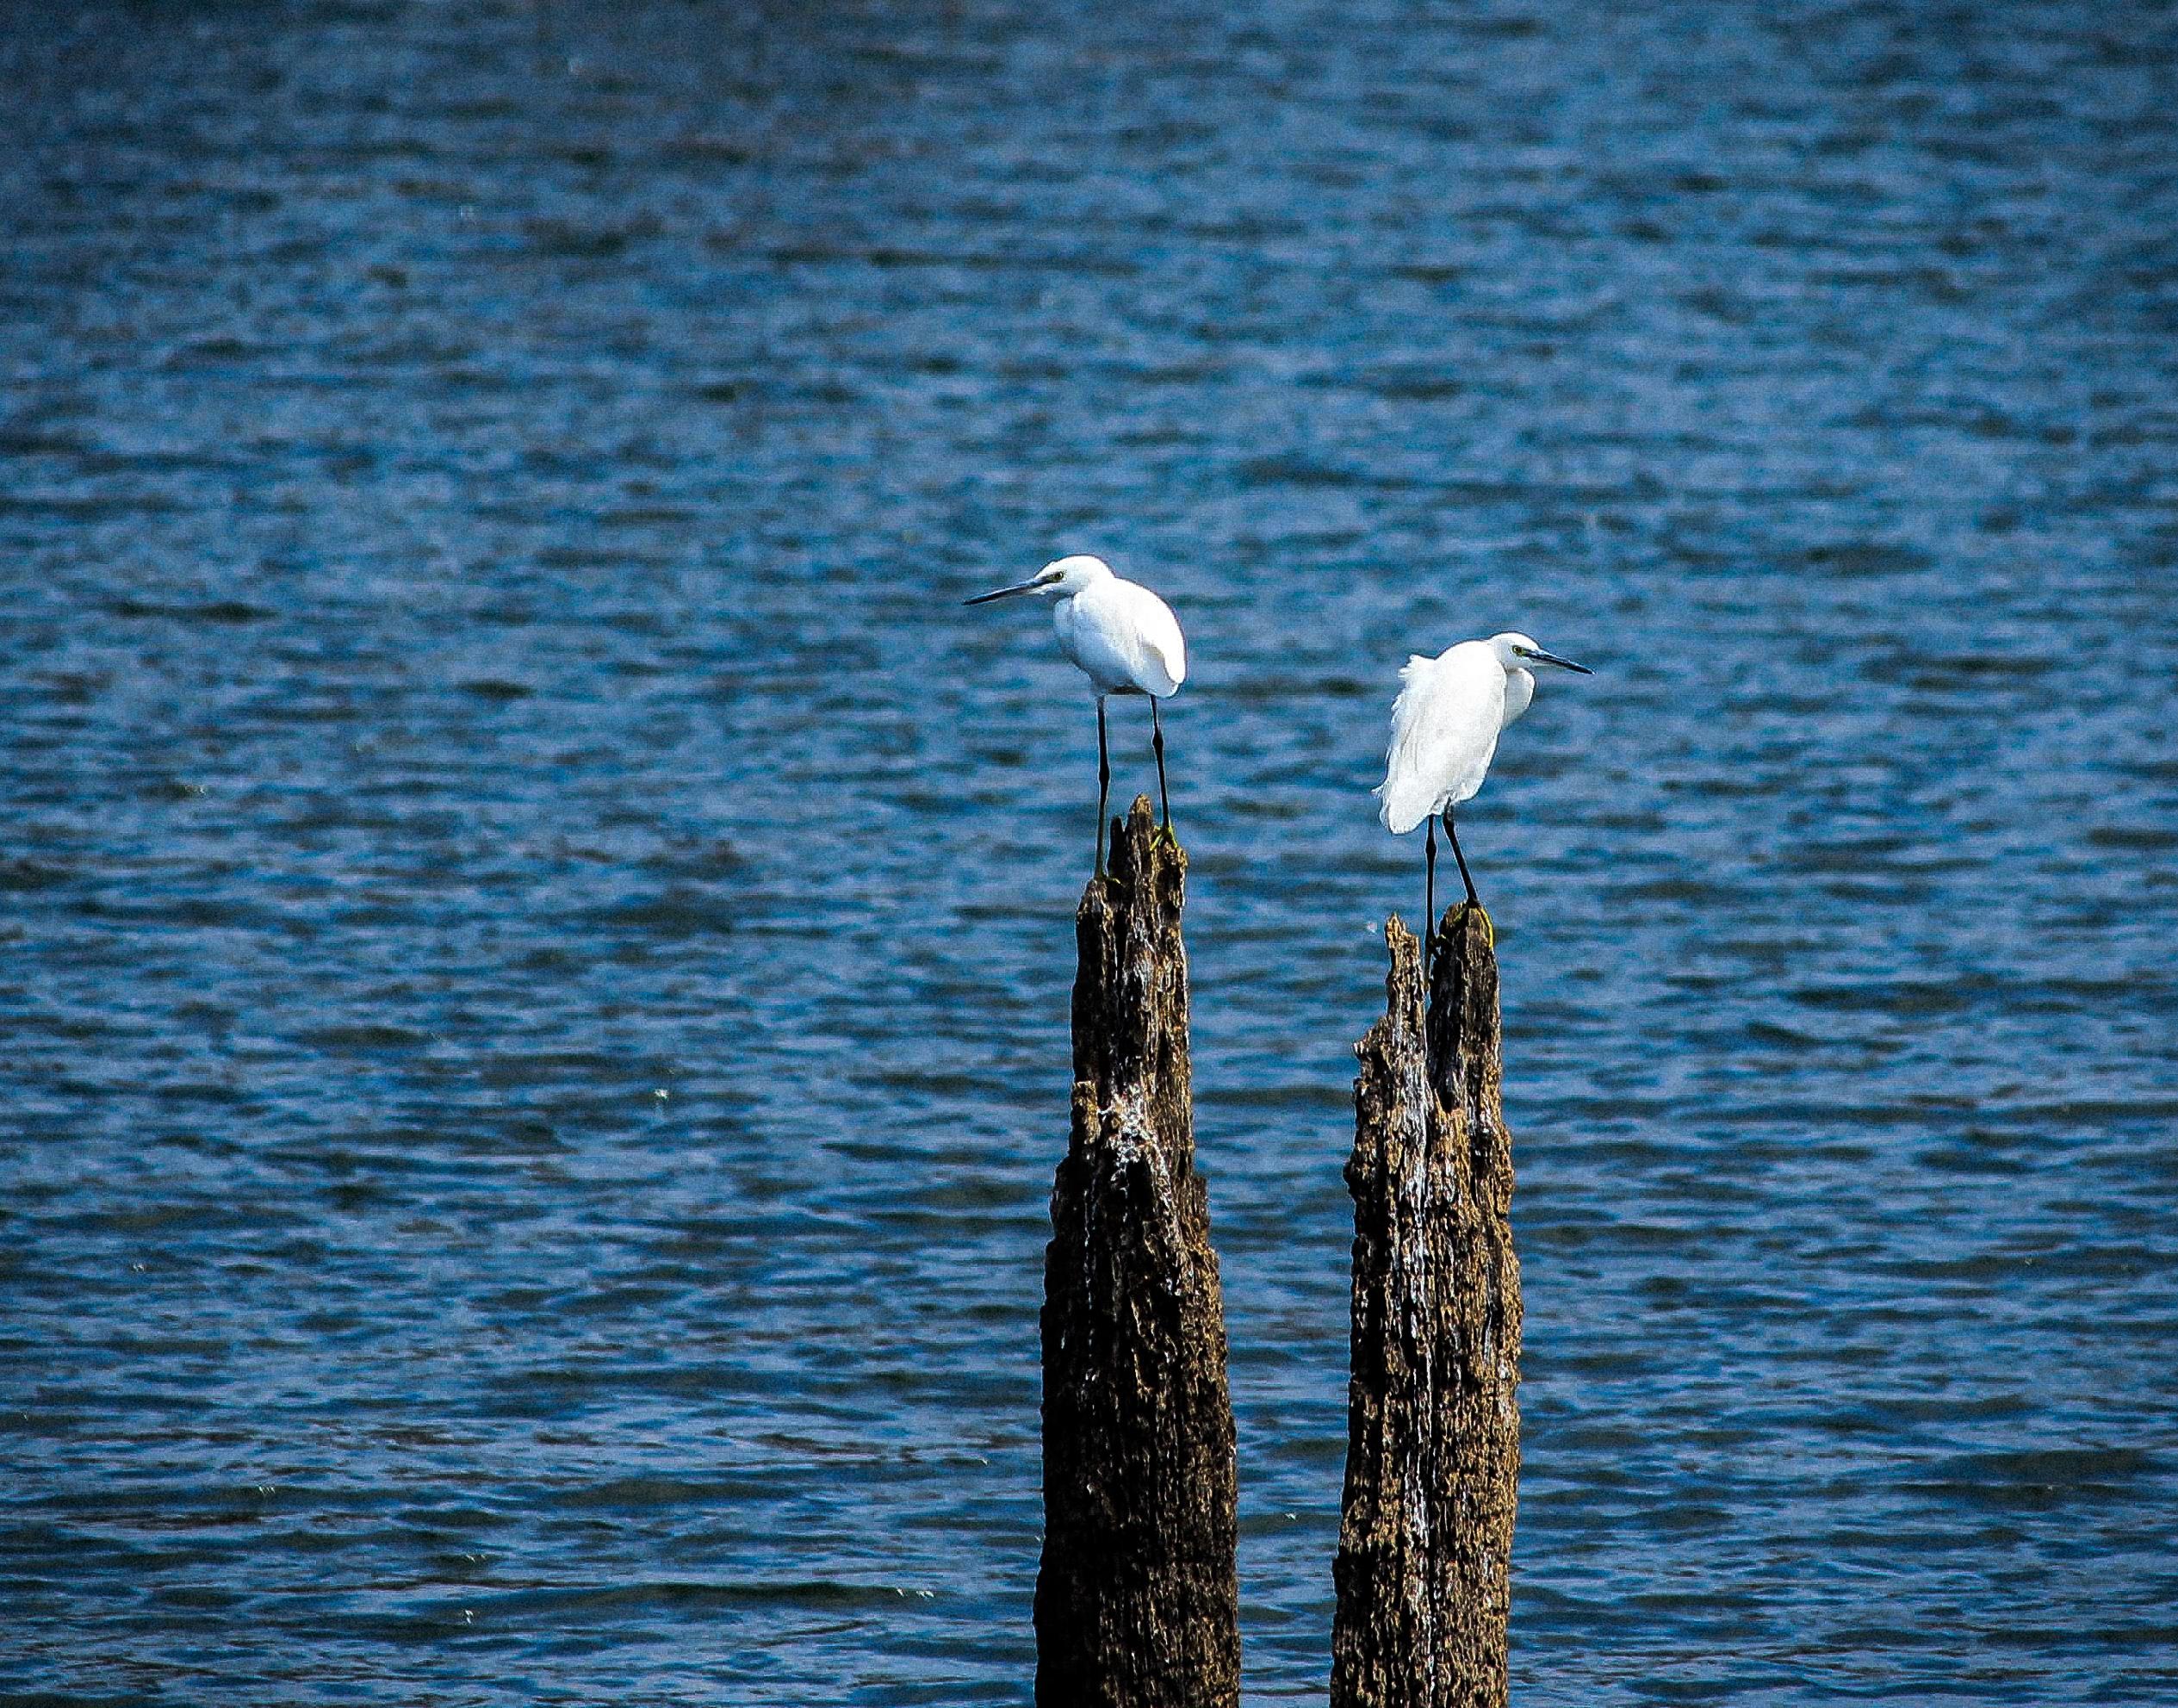 Egrets sitting on wood